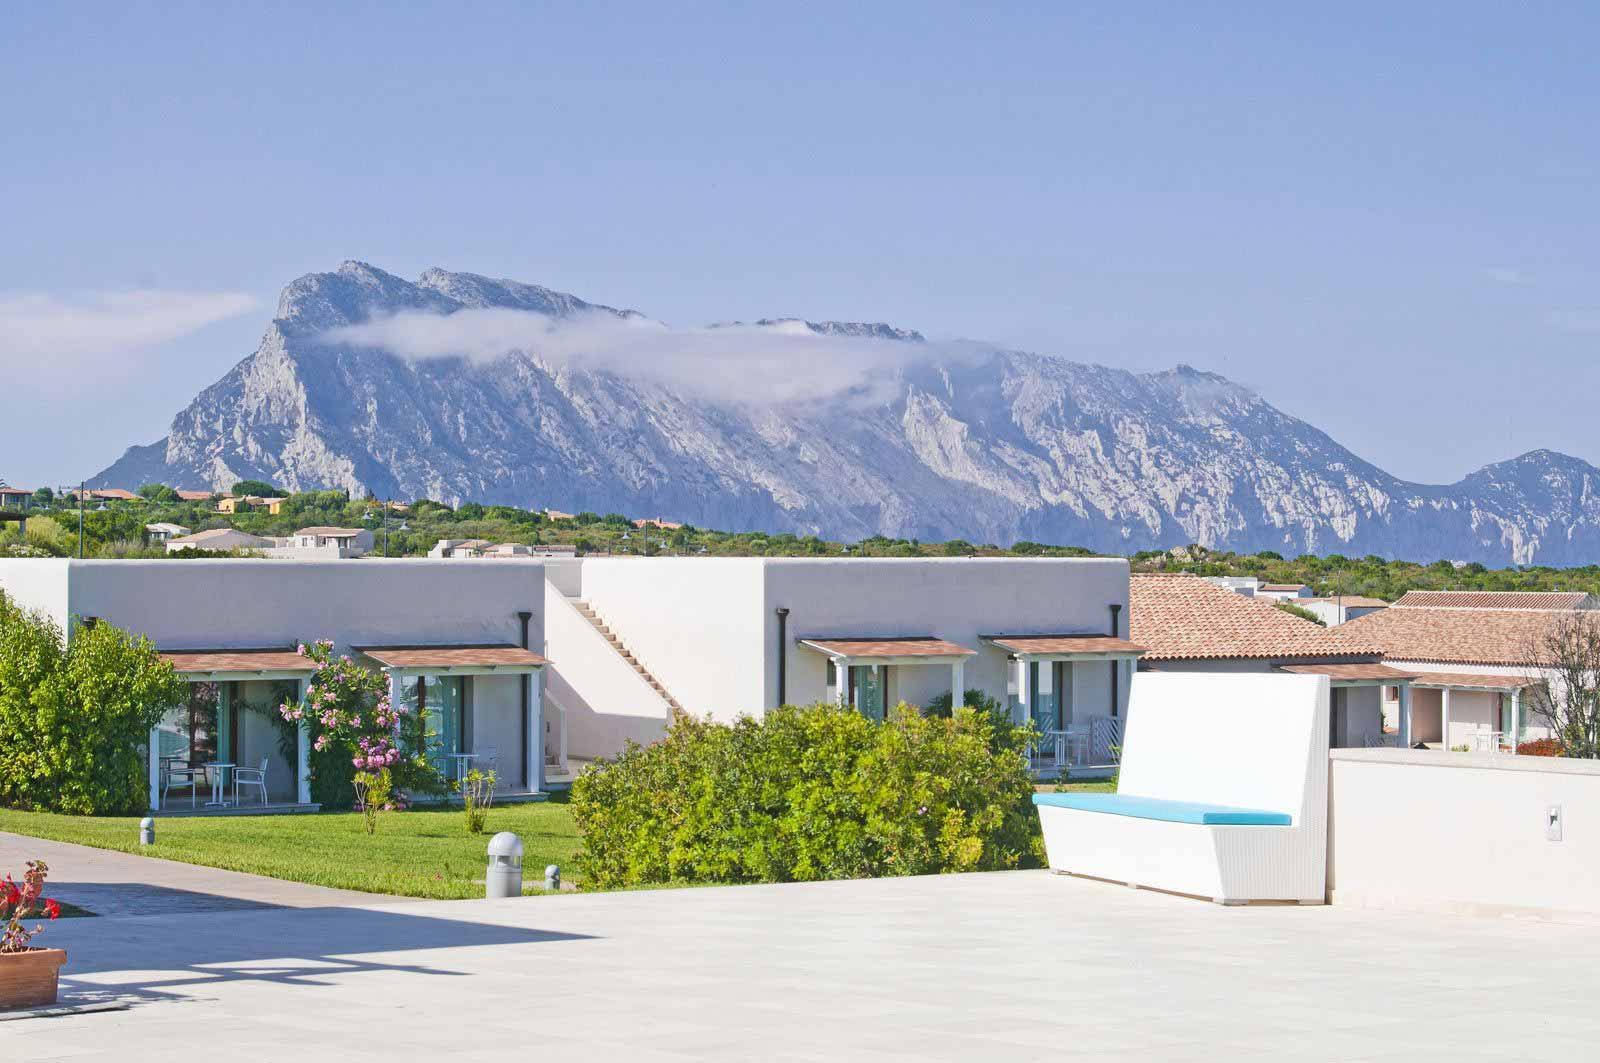 Accommodation at Grande Baia Resort & Spa